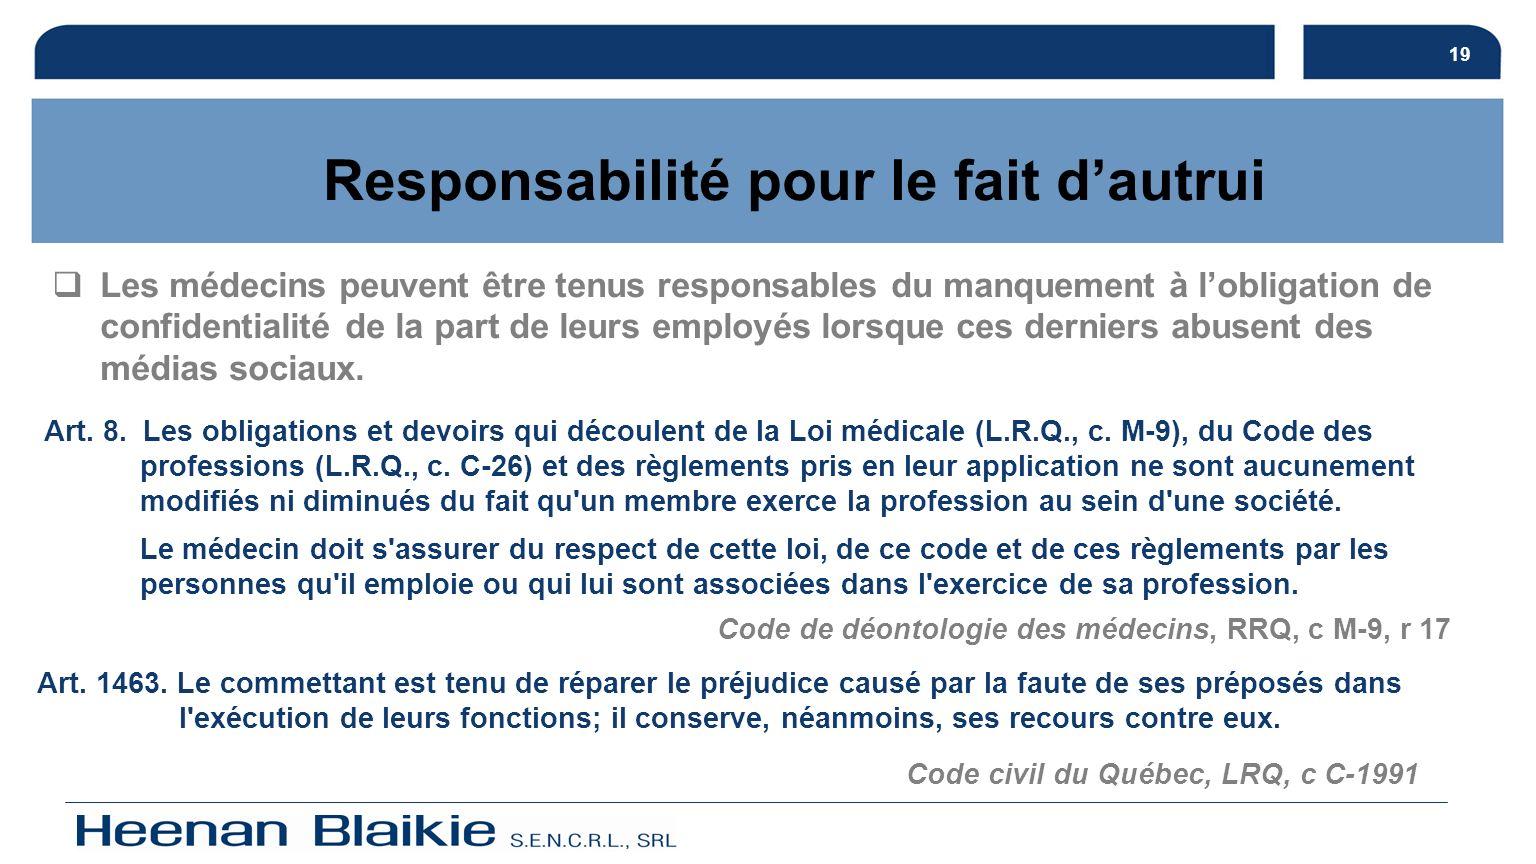 19 Responsabilité pour le fait dautrui Art. 8. Les obligations et devoirs qui découlent de la Loi médicale (L.R.Q., c. M-9), du Code des professions (